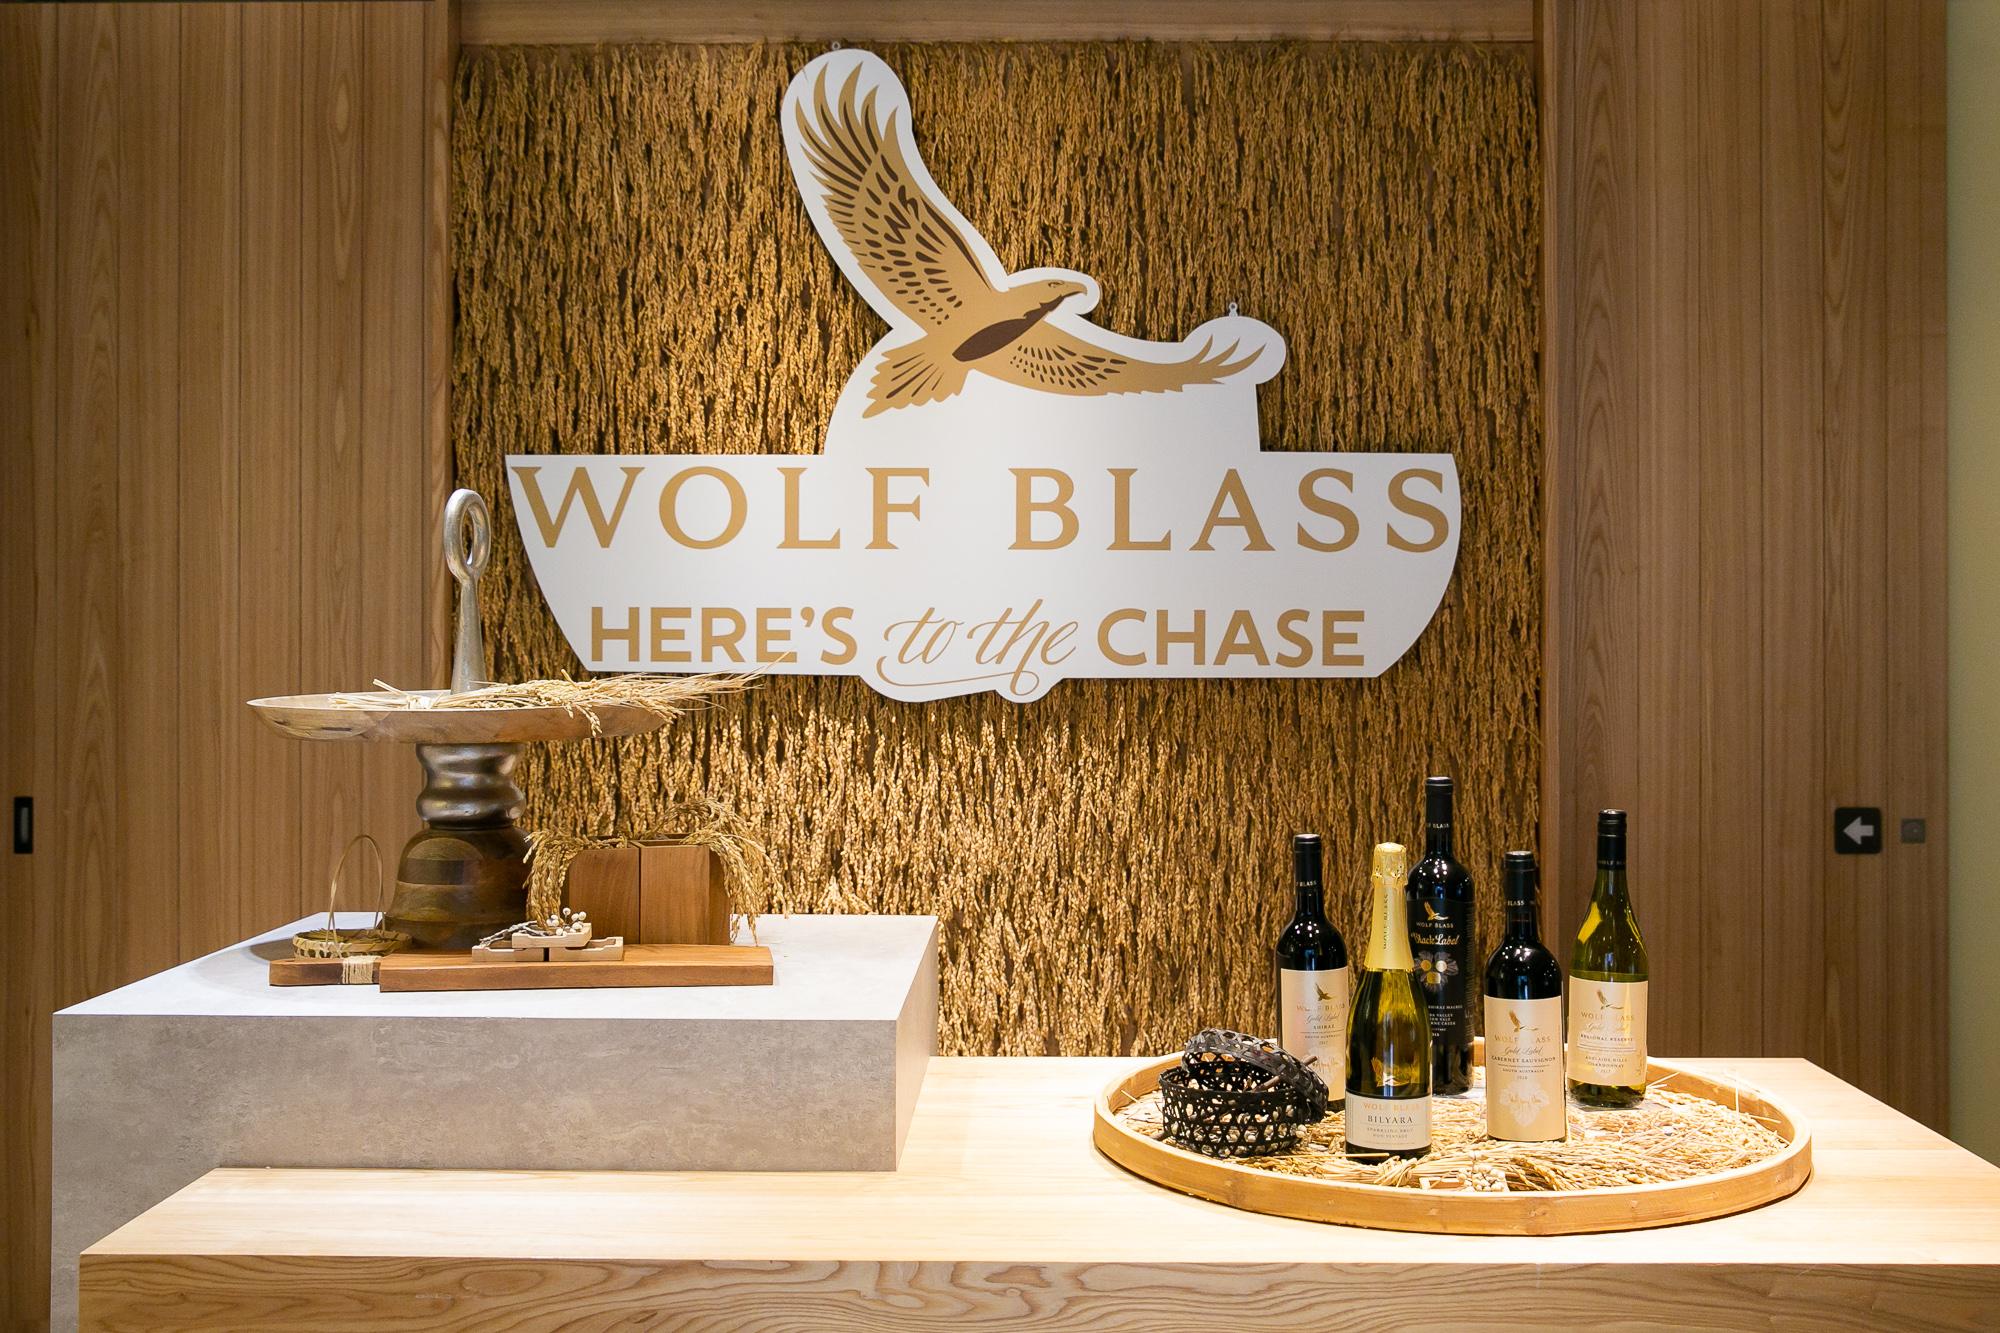 【有影】台菜+葡萄酒蹦出新滋味?Wolf Blass創最潮餐酒新體驗 突破框架挑戰民眾味蕾